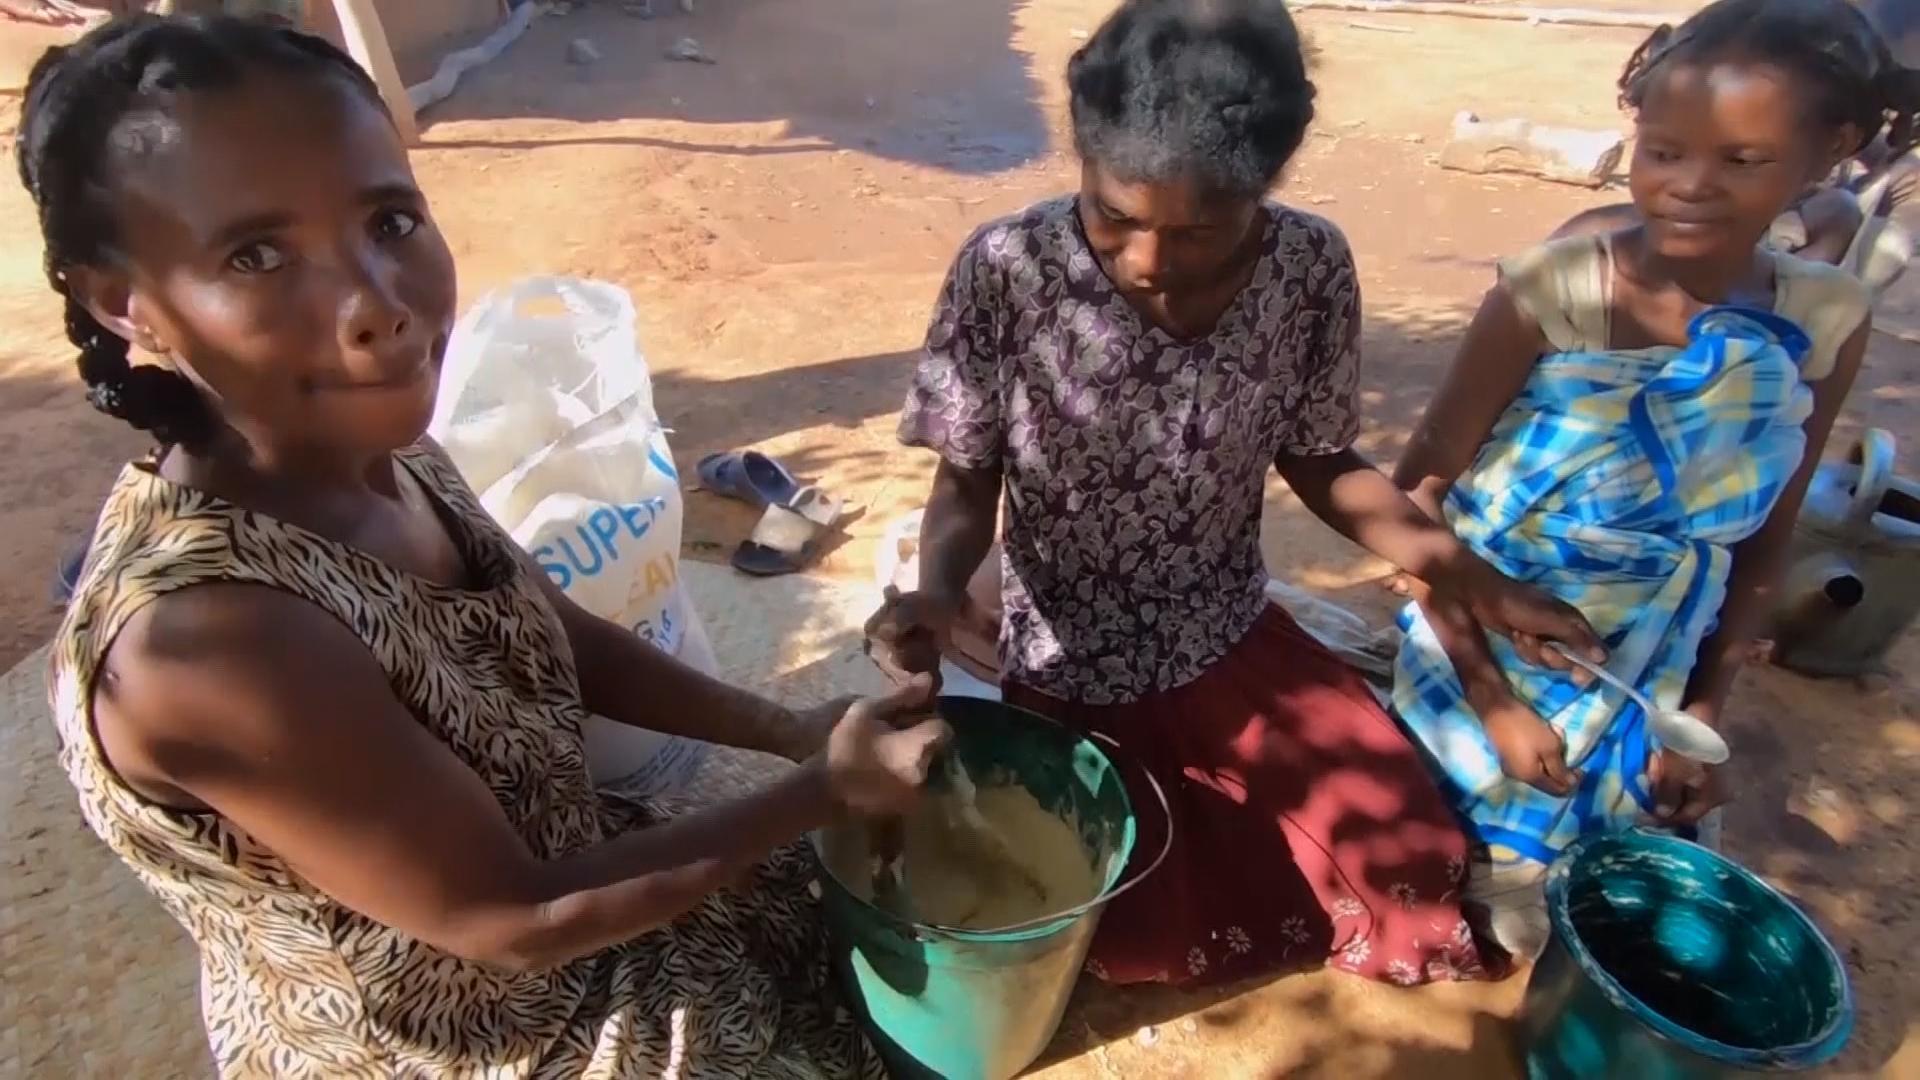 À Madagascar, 1,5 million de personnes sont frappées par une grave crise alimentaire et ont besoin d'une aide d'urgence.